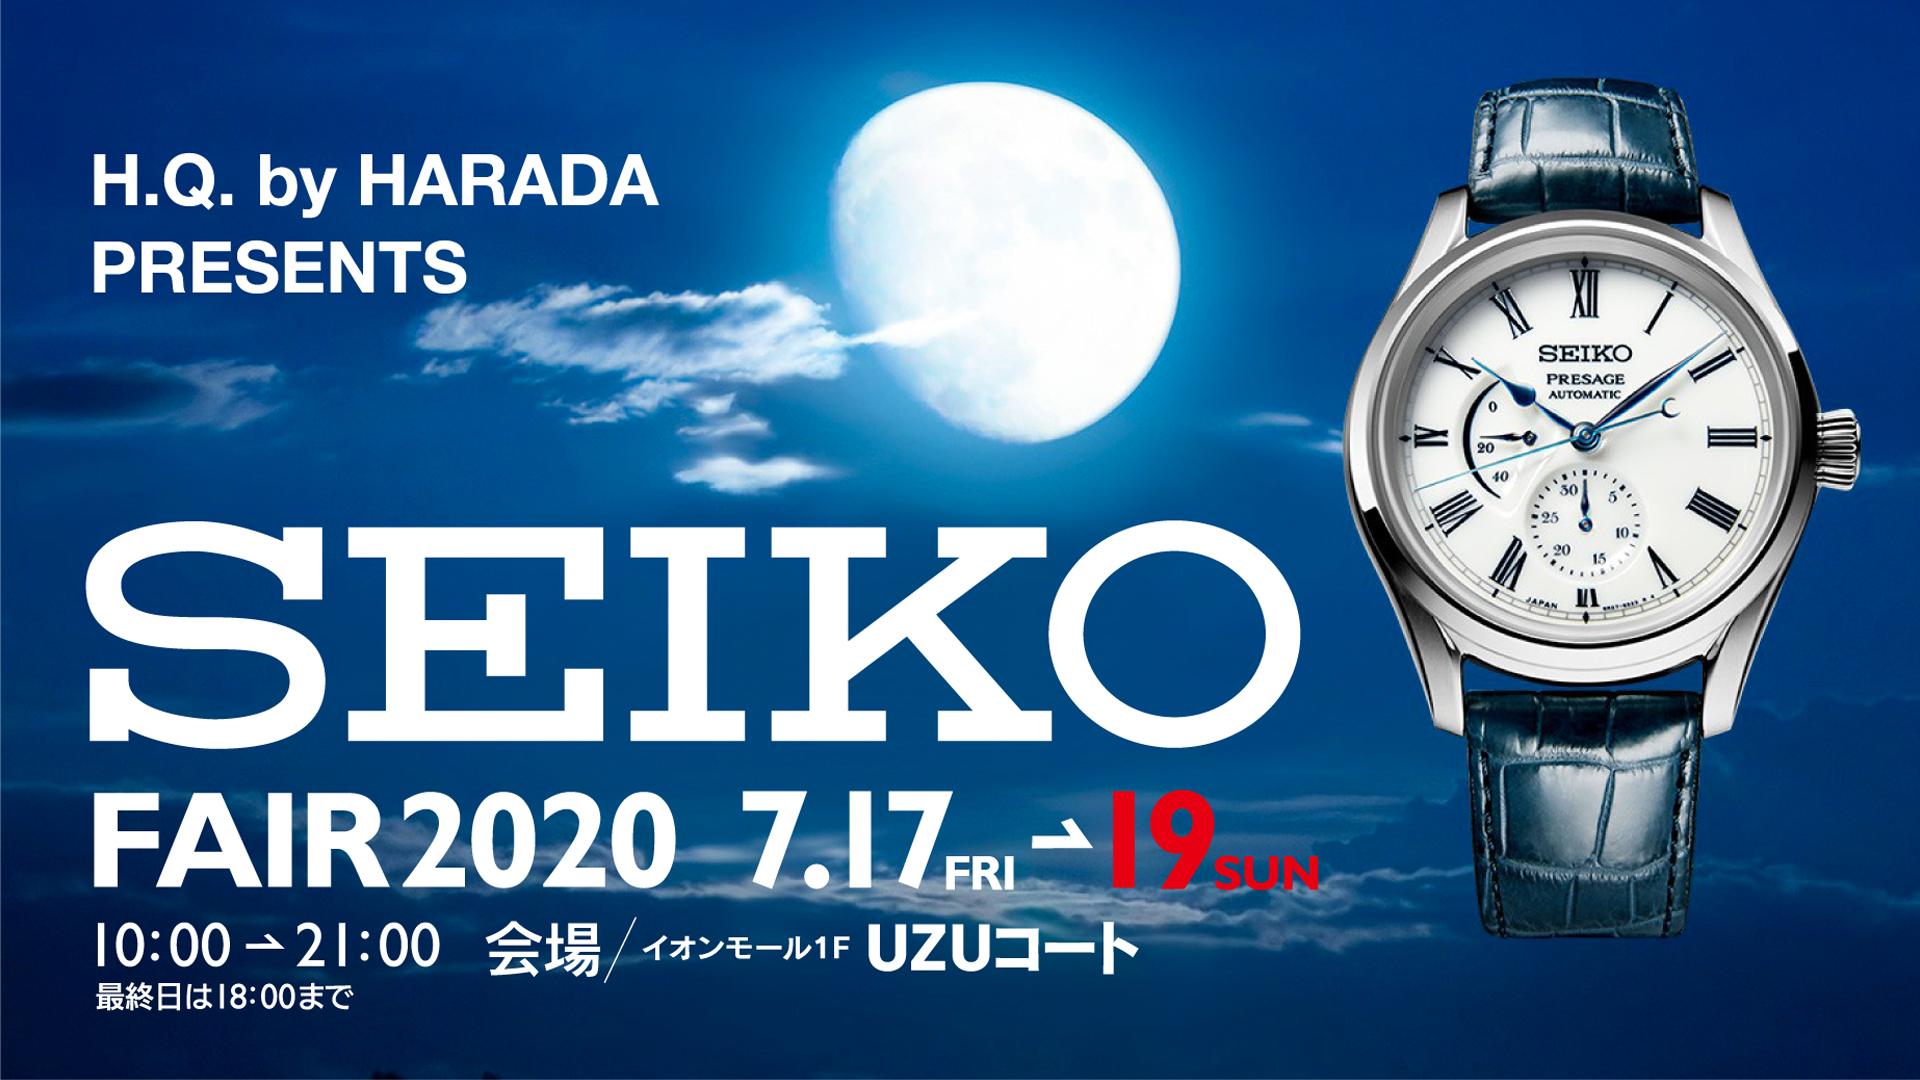 セイコーフェア2020 イオンモール徳島 H.Q. by HARADA